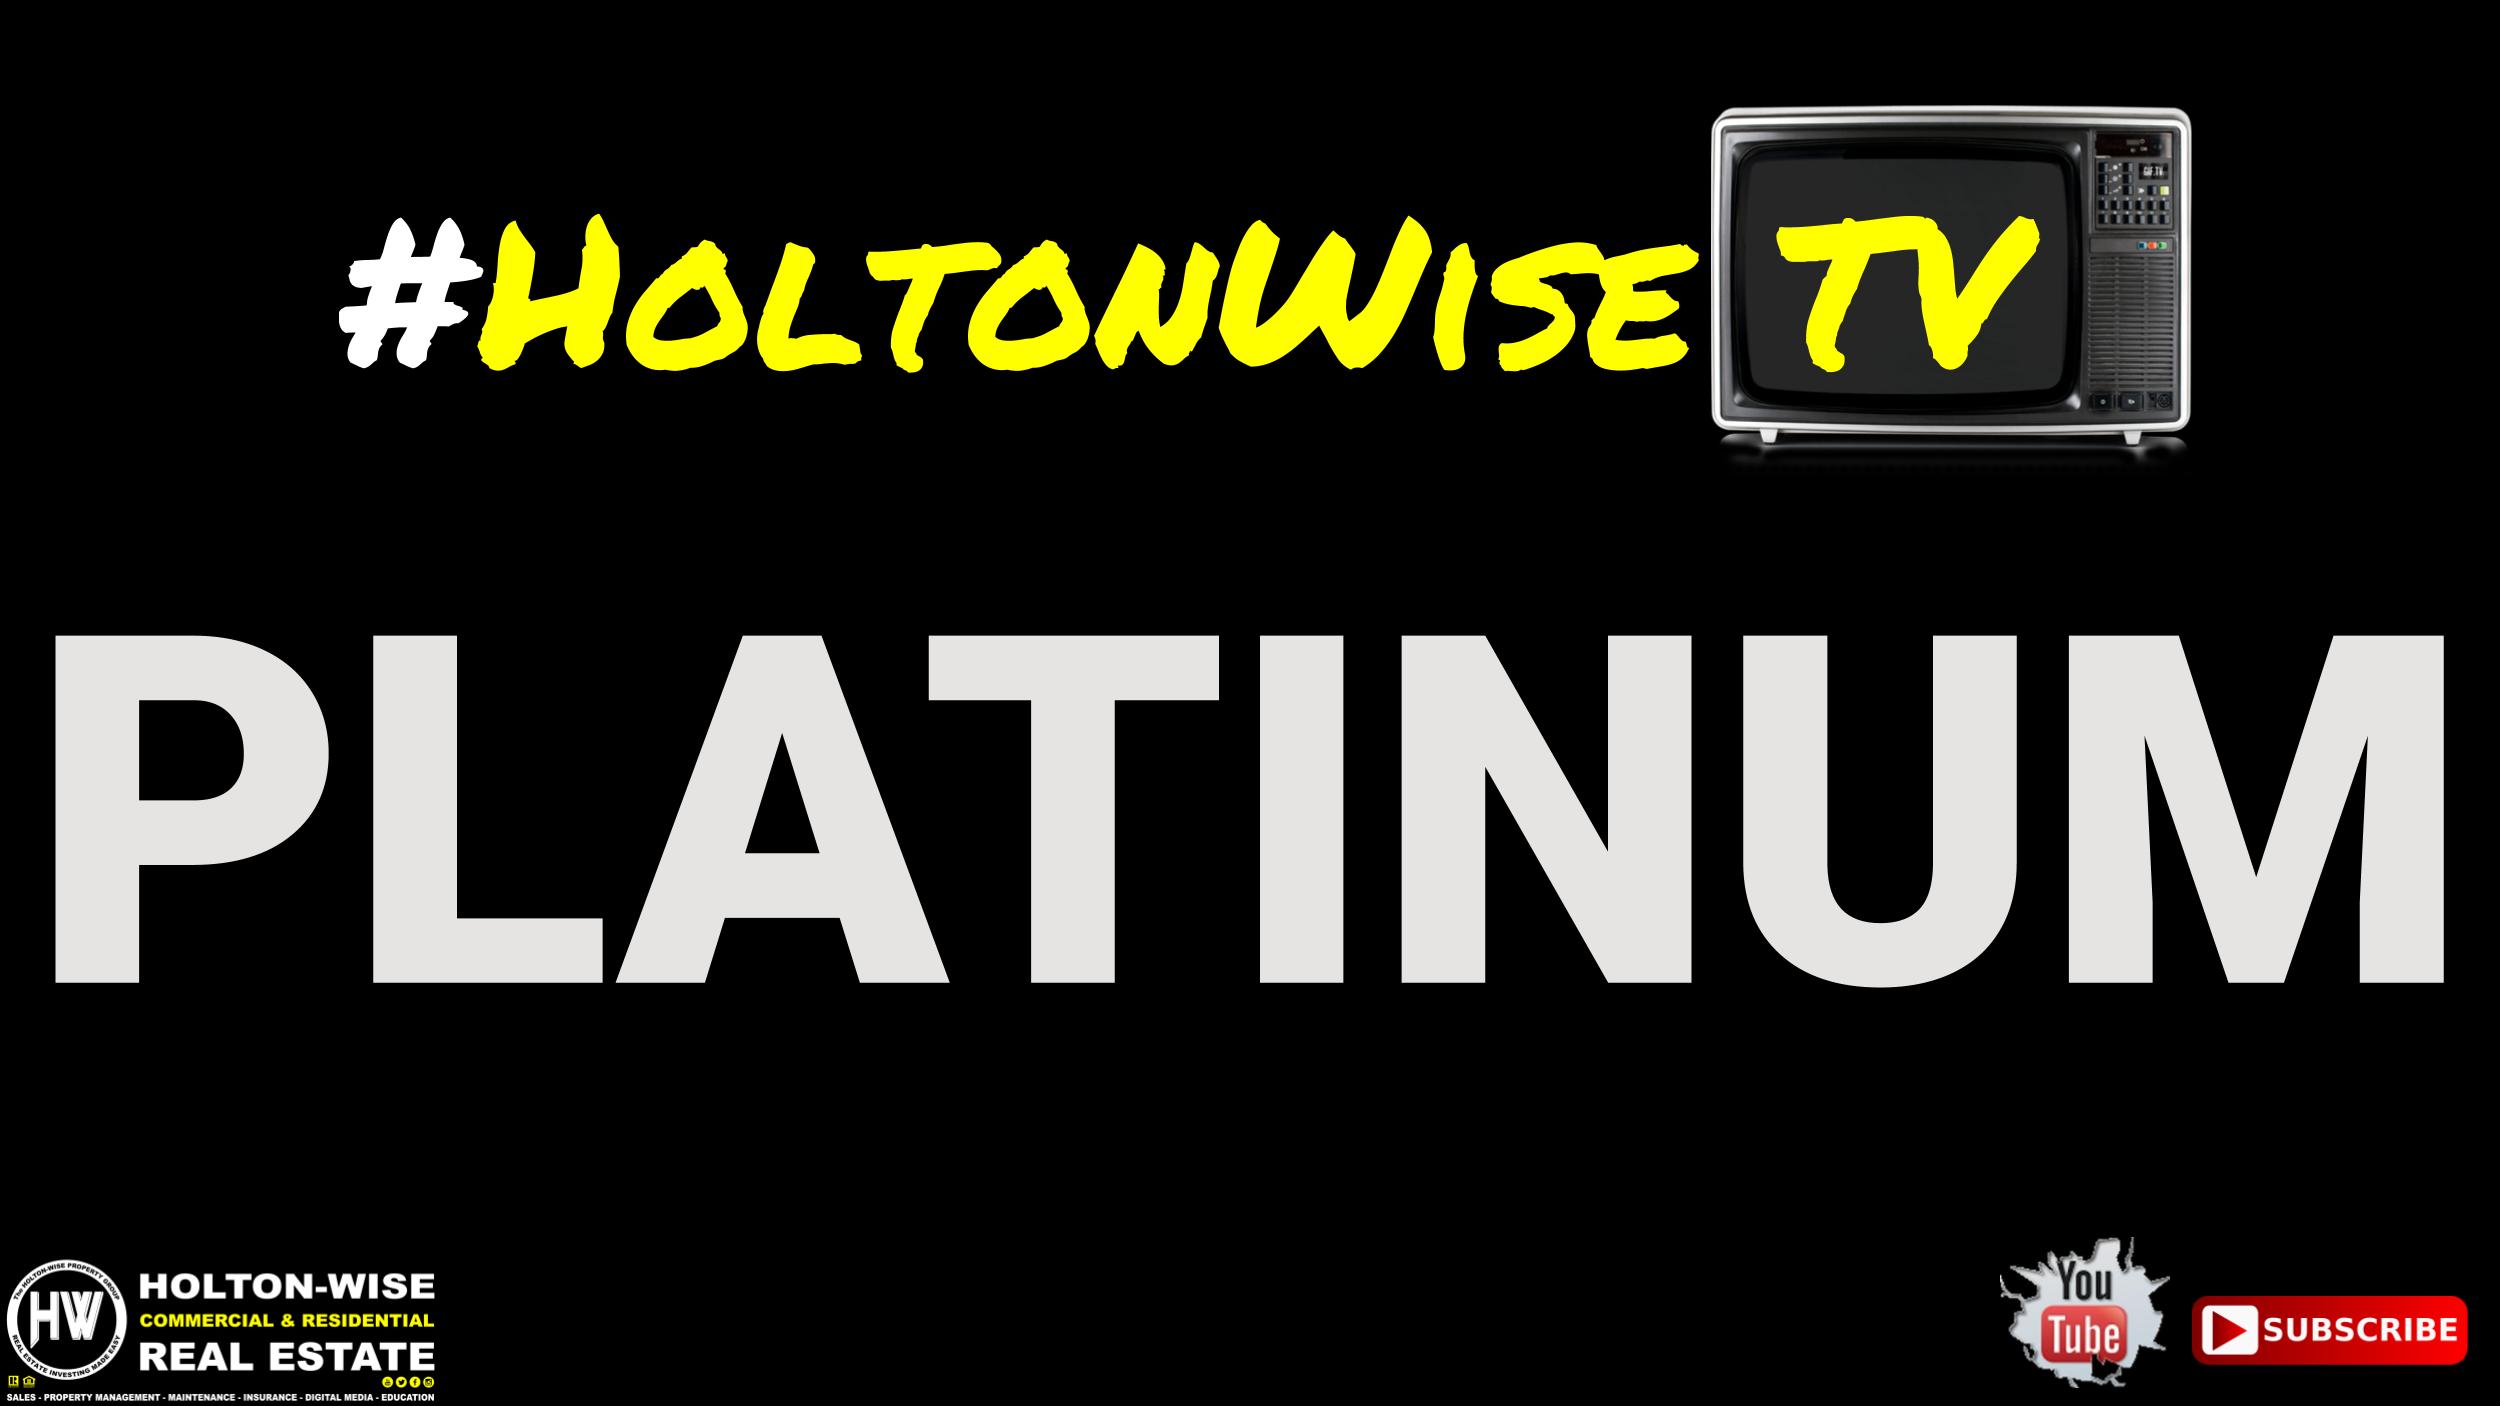 Digital Media Renewal - Platinum